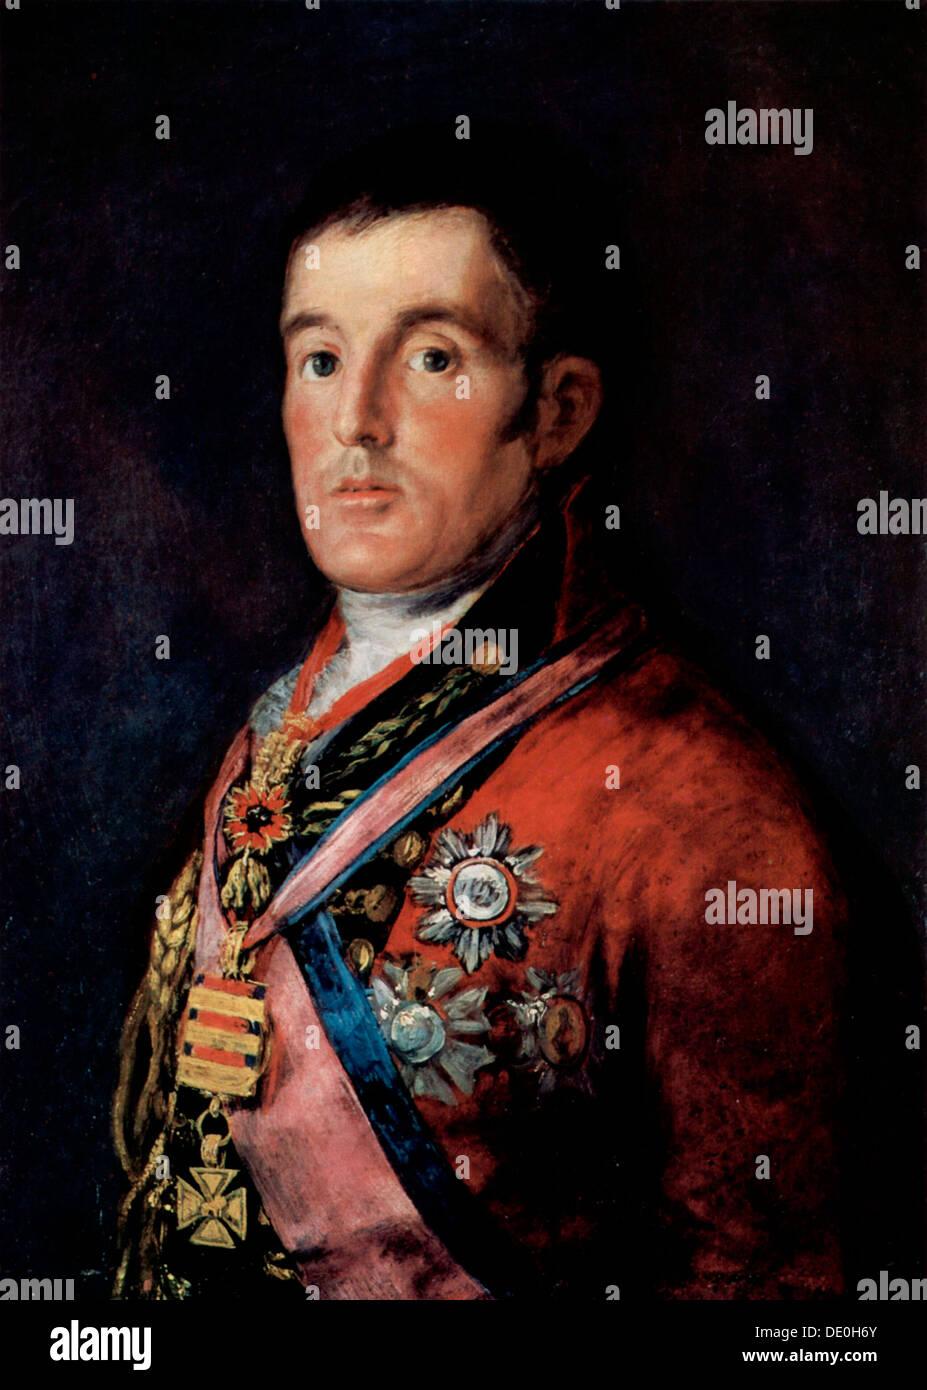 'Portrait of Field Marshal Arthur Wellesley, 1st Duke of Wellington', c1814.  Artist: Francisco Goya - Stock Image